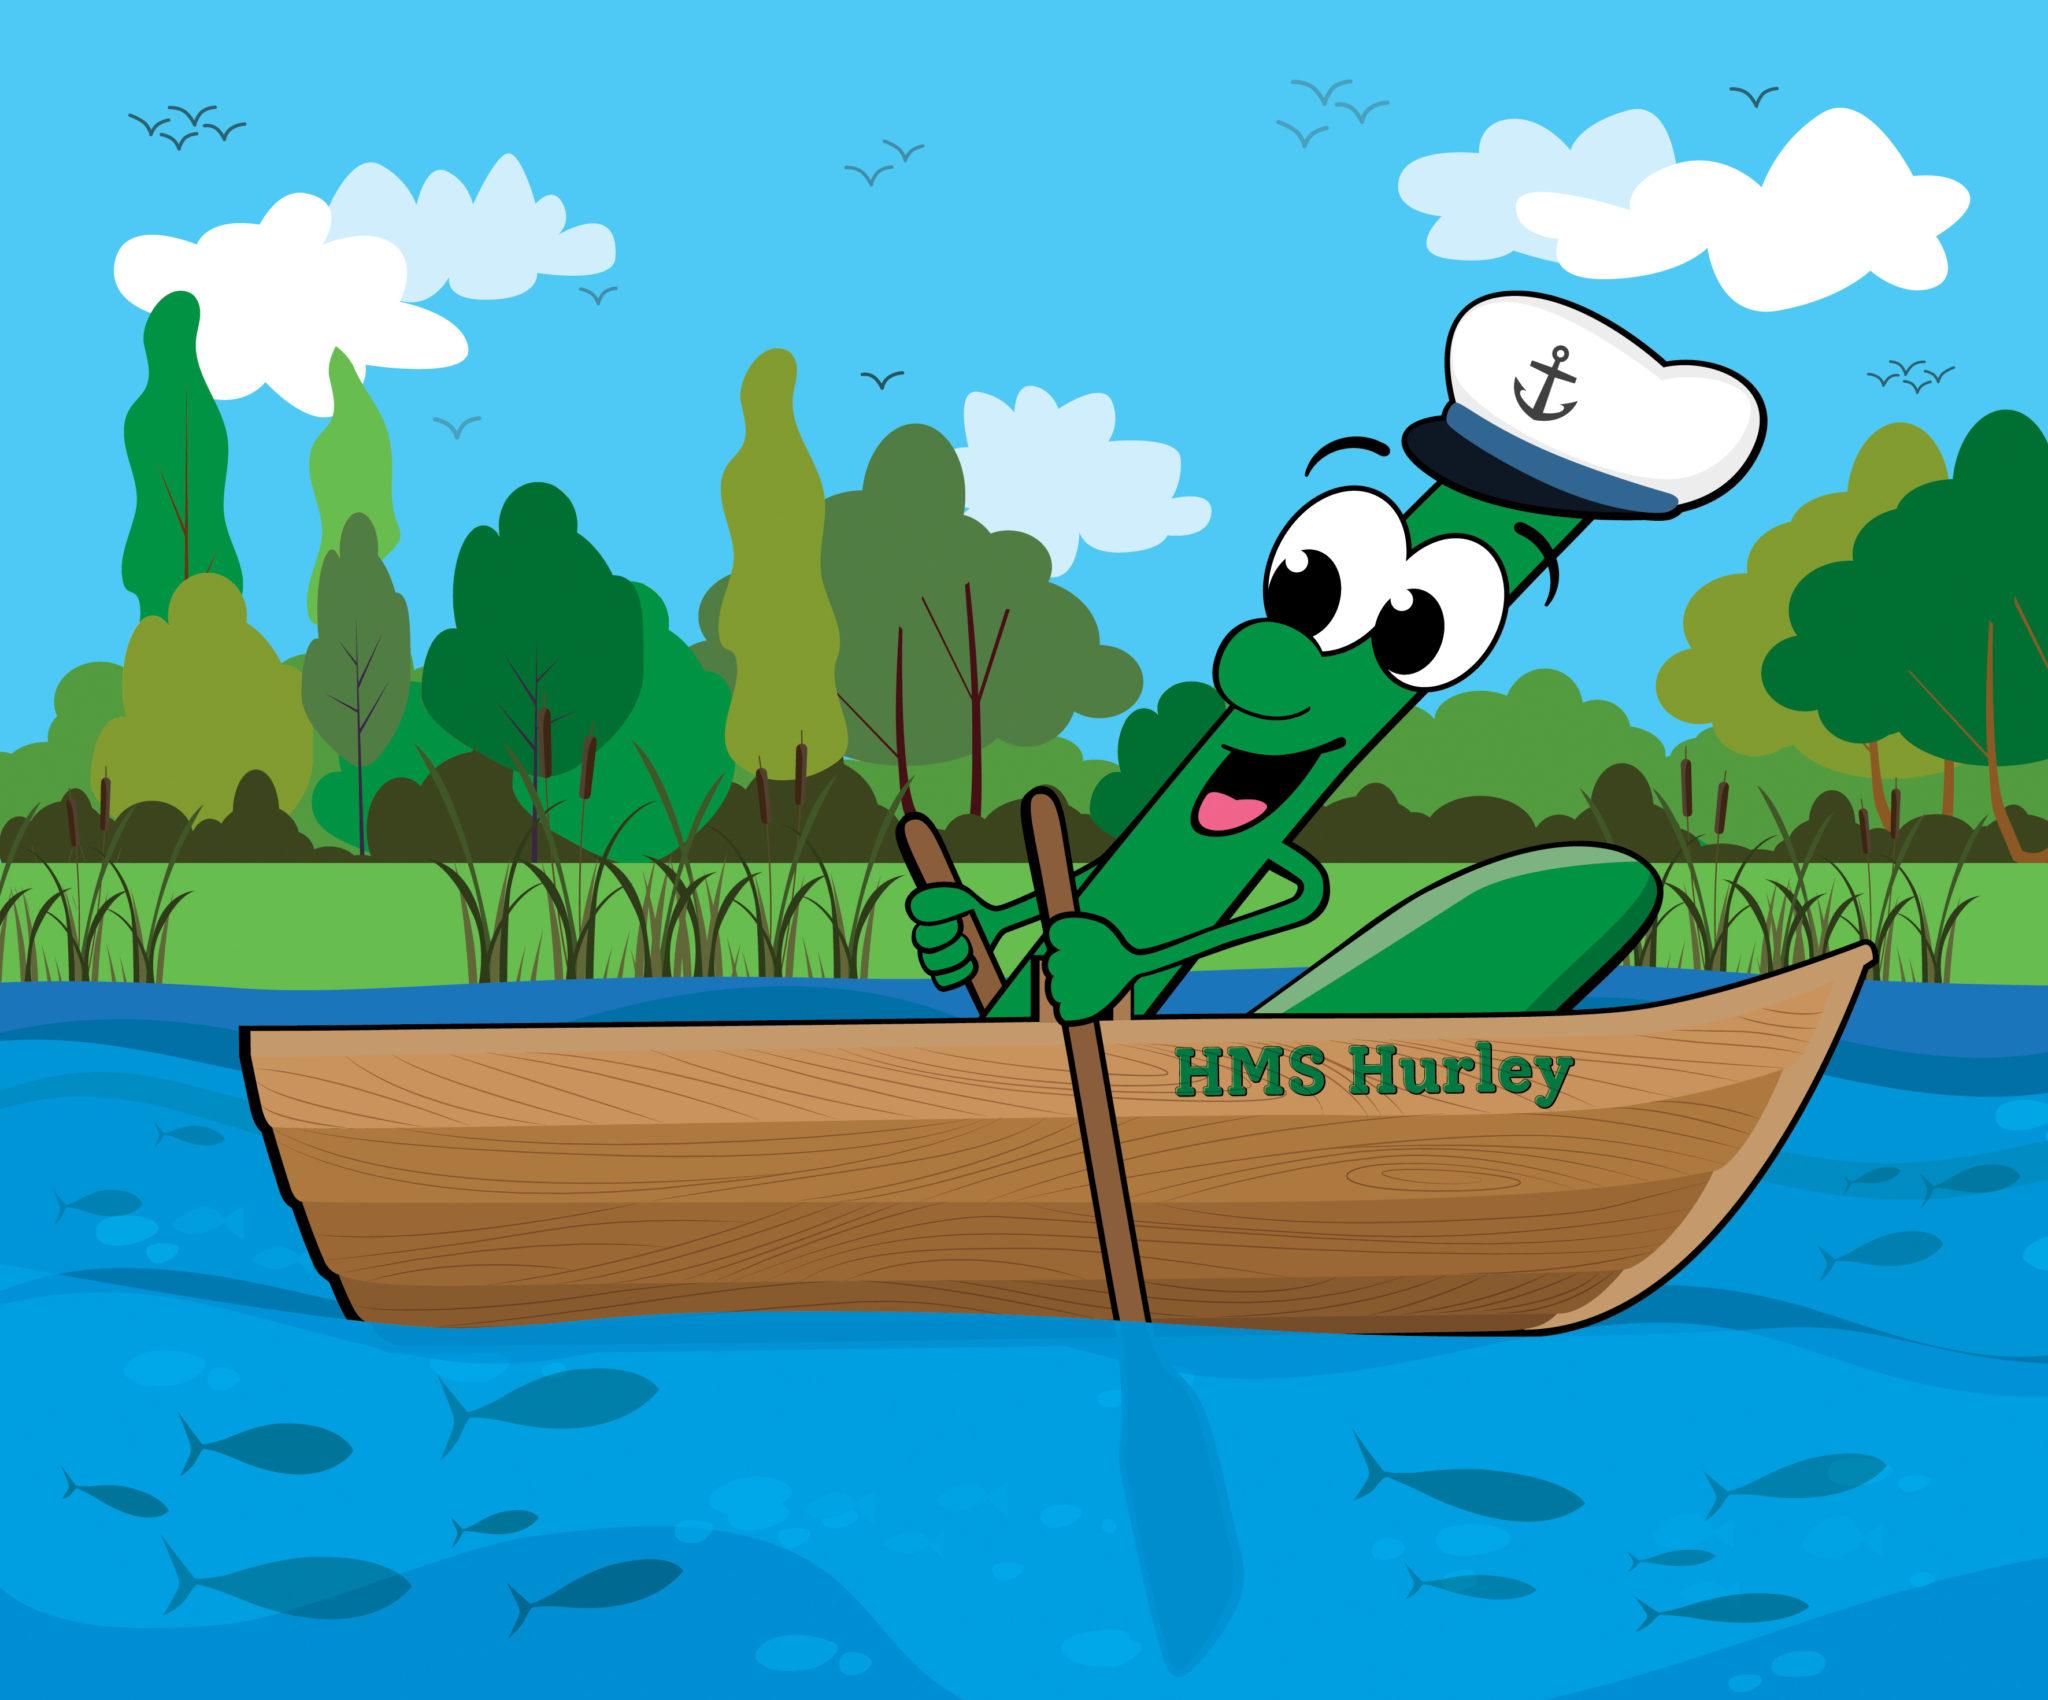 logo in boat